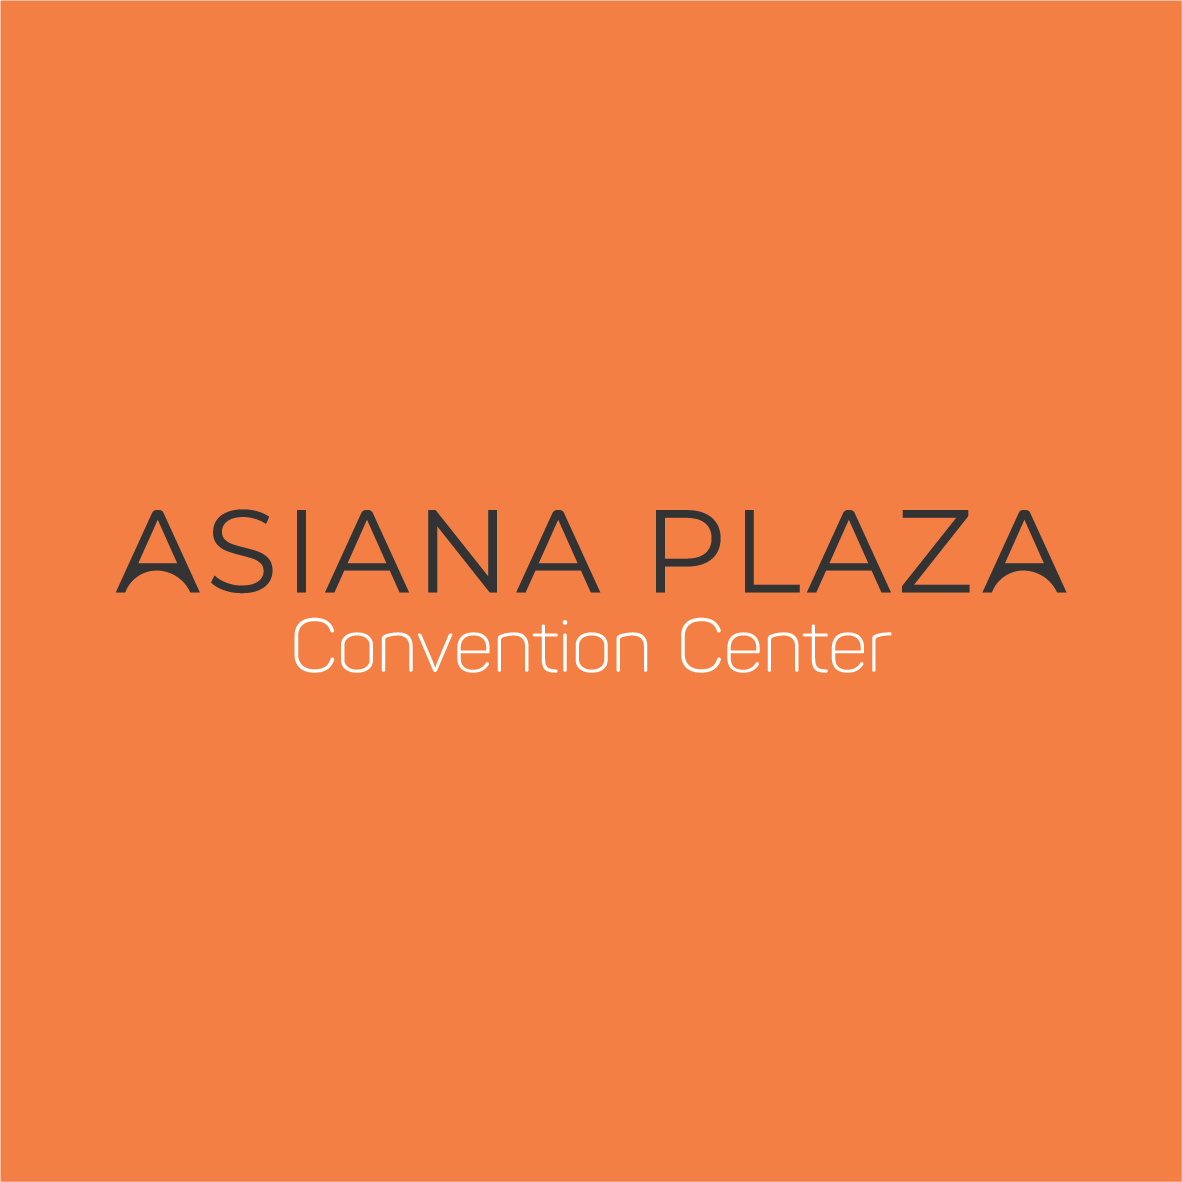 Trung Tâm Hội Nghị Asiana Plaza - Bình Thạnh